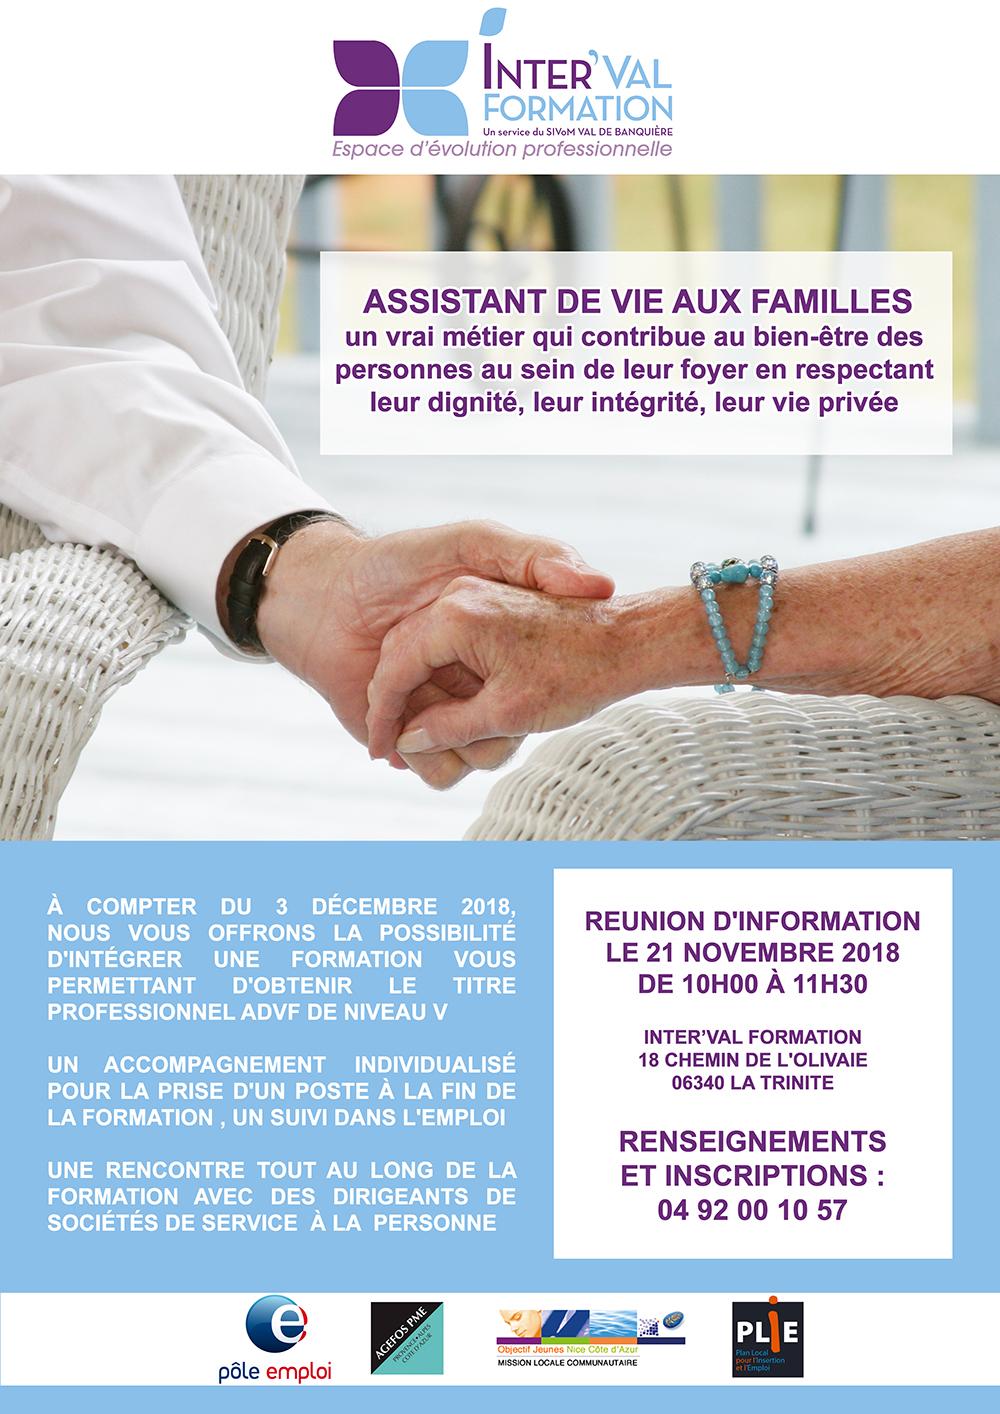 REUNION D'INFORMATION - Assistant de vie aux familles